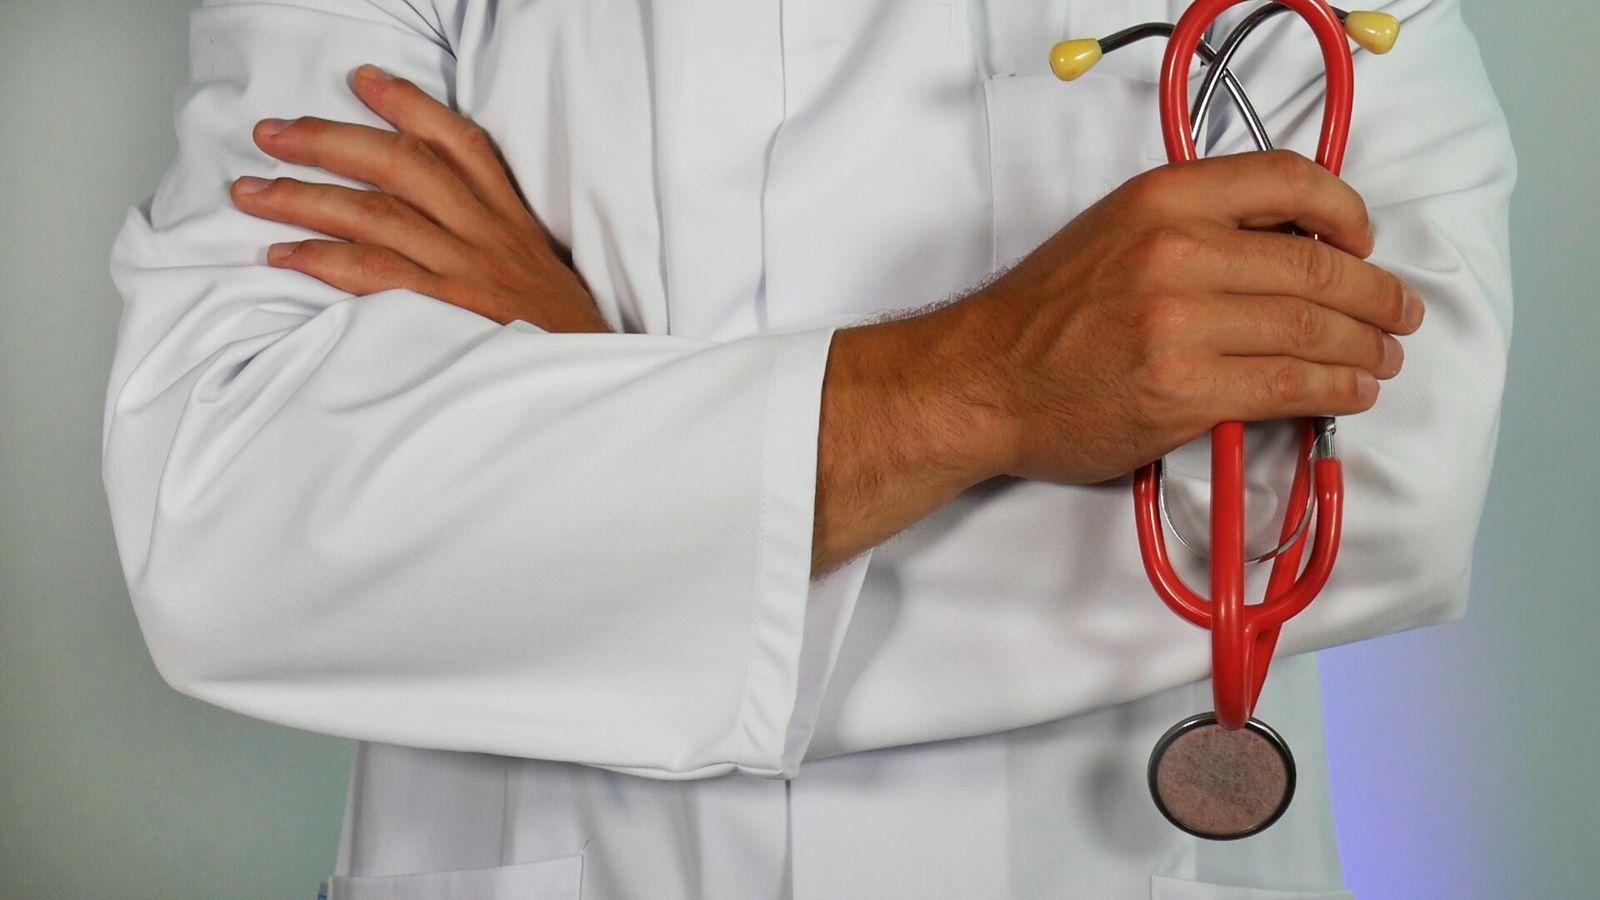 Visita specialistica urgente chi può prescriverla e il codice di urgenza